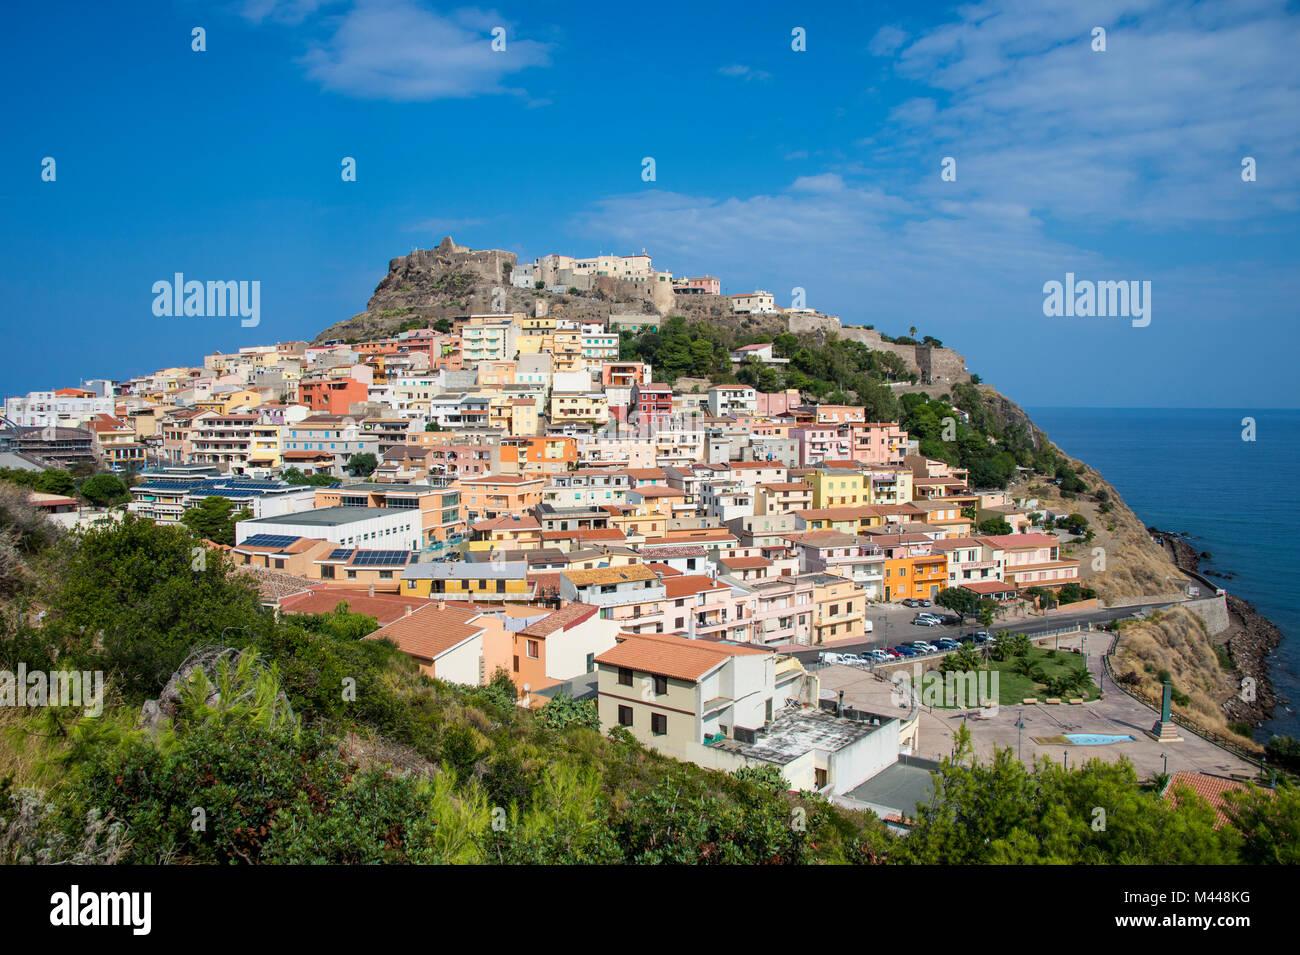 Anzeigen von Castelsardo, Sardinien, Italien Stockbild